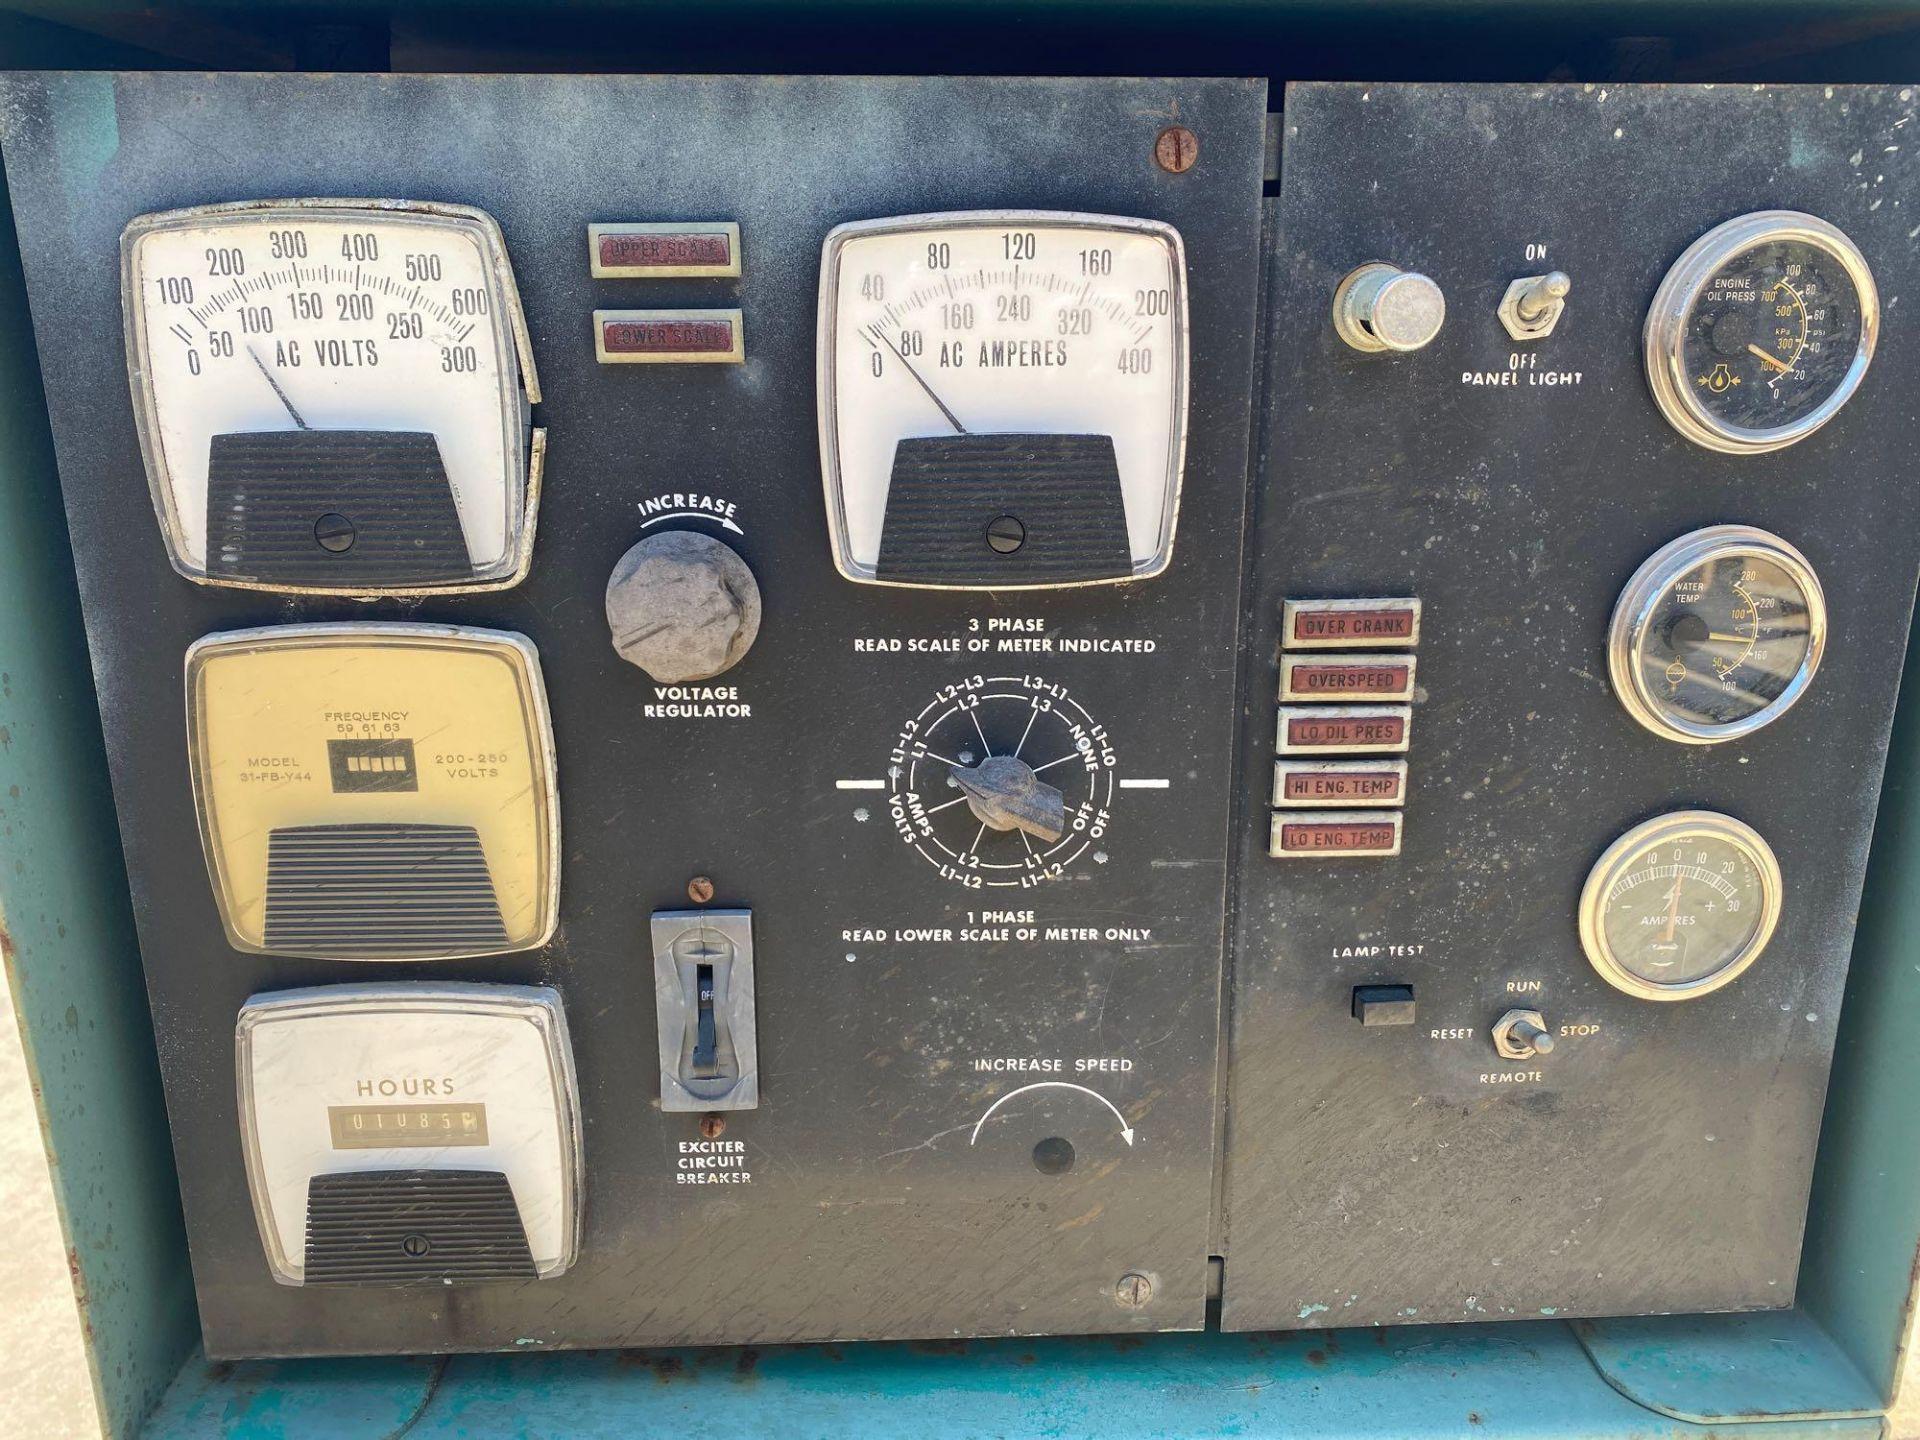 Lot 35B - ONAN 90 DYC GENERATOR, 90 KW, 112KVA, 1085 HOURS SHOWING